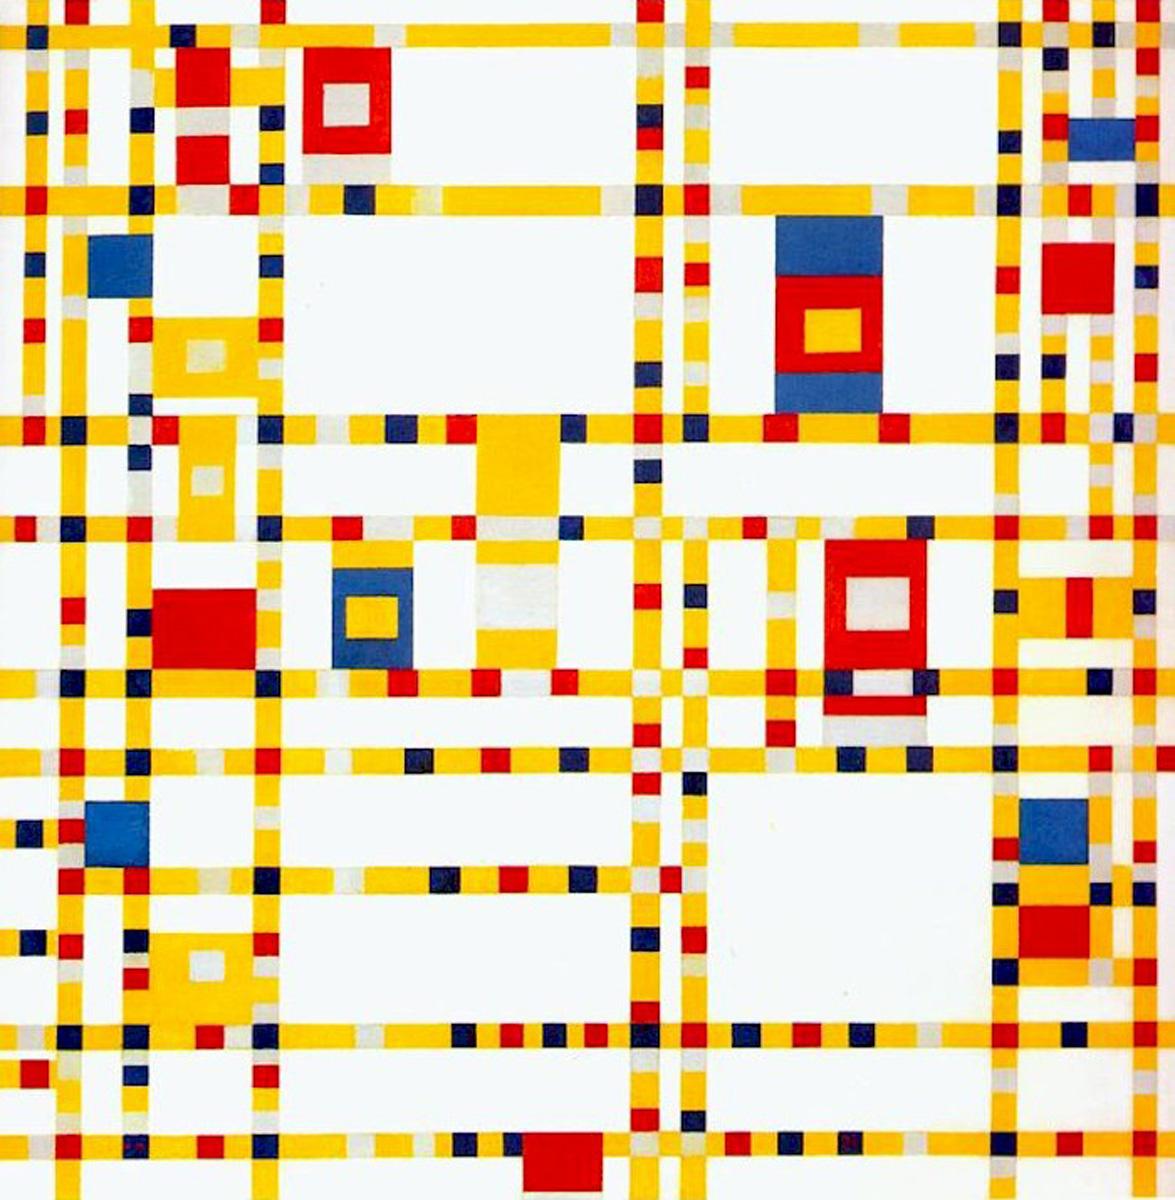 Mondrian, Broadway Boogie-Woogie